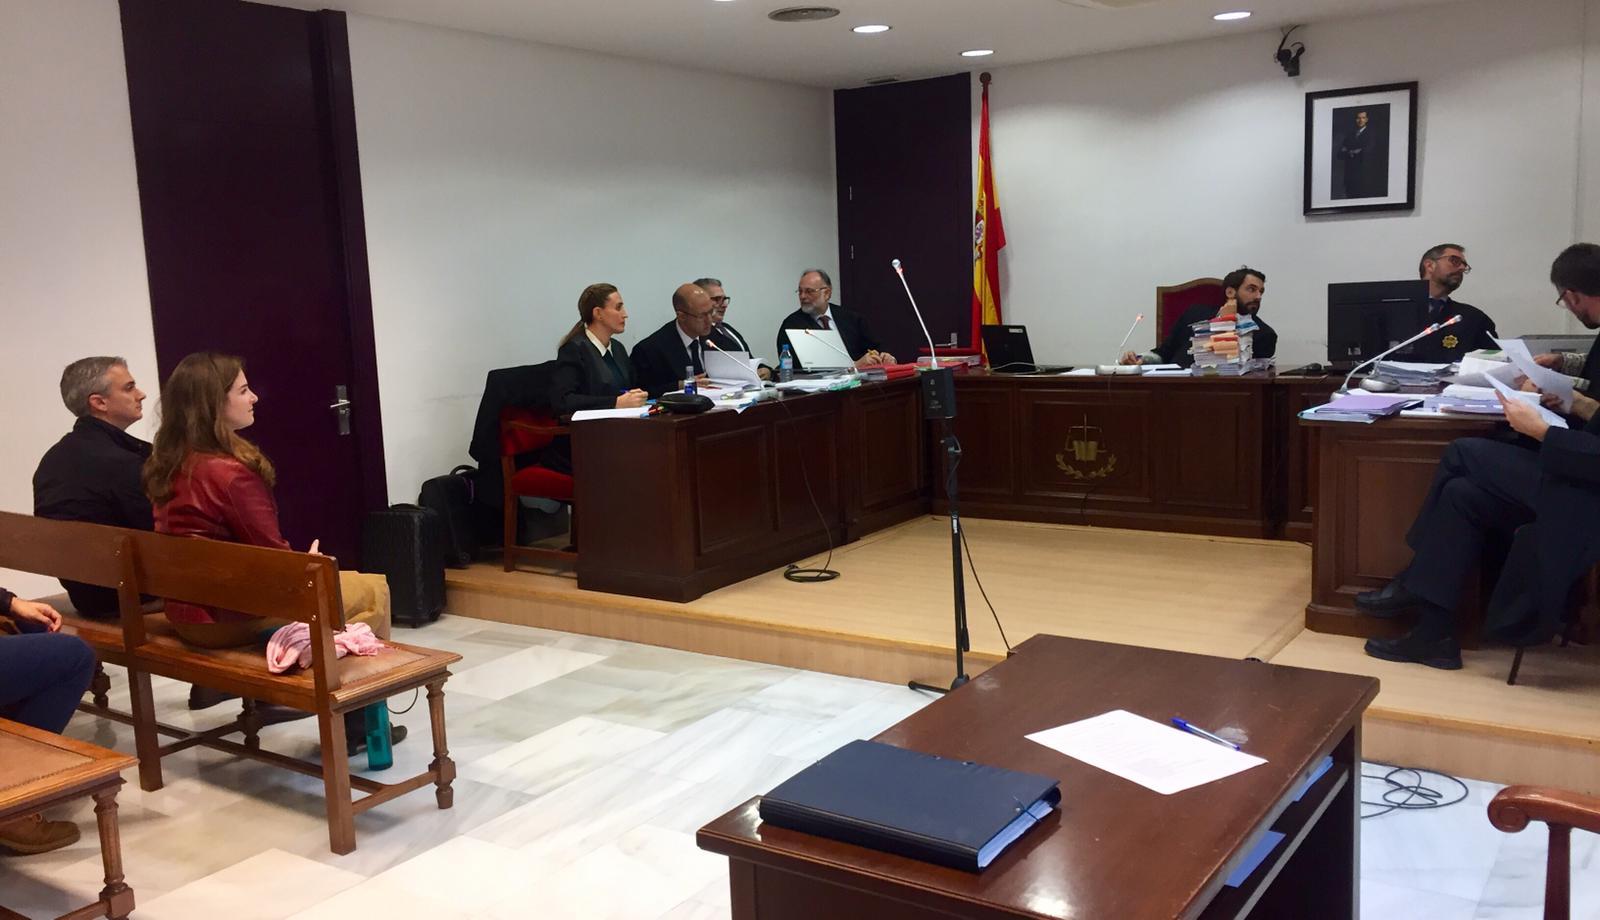 Audiencia condena en firme a prisión a la ex administradora de Ron Montero por el accidente mortal